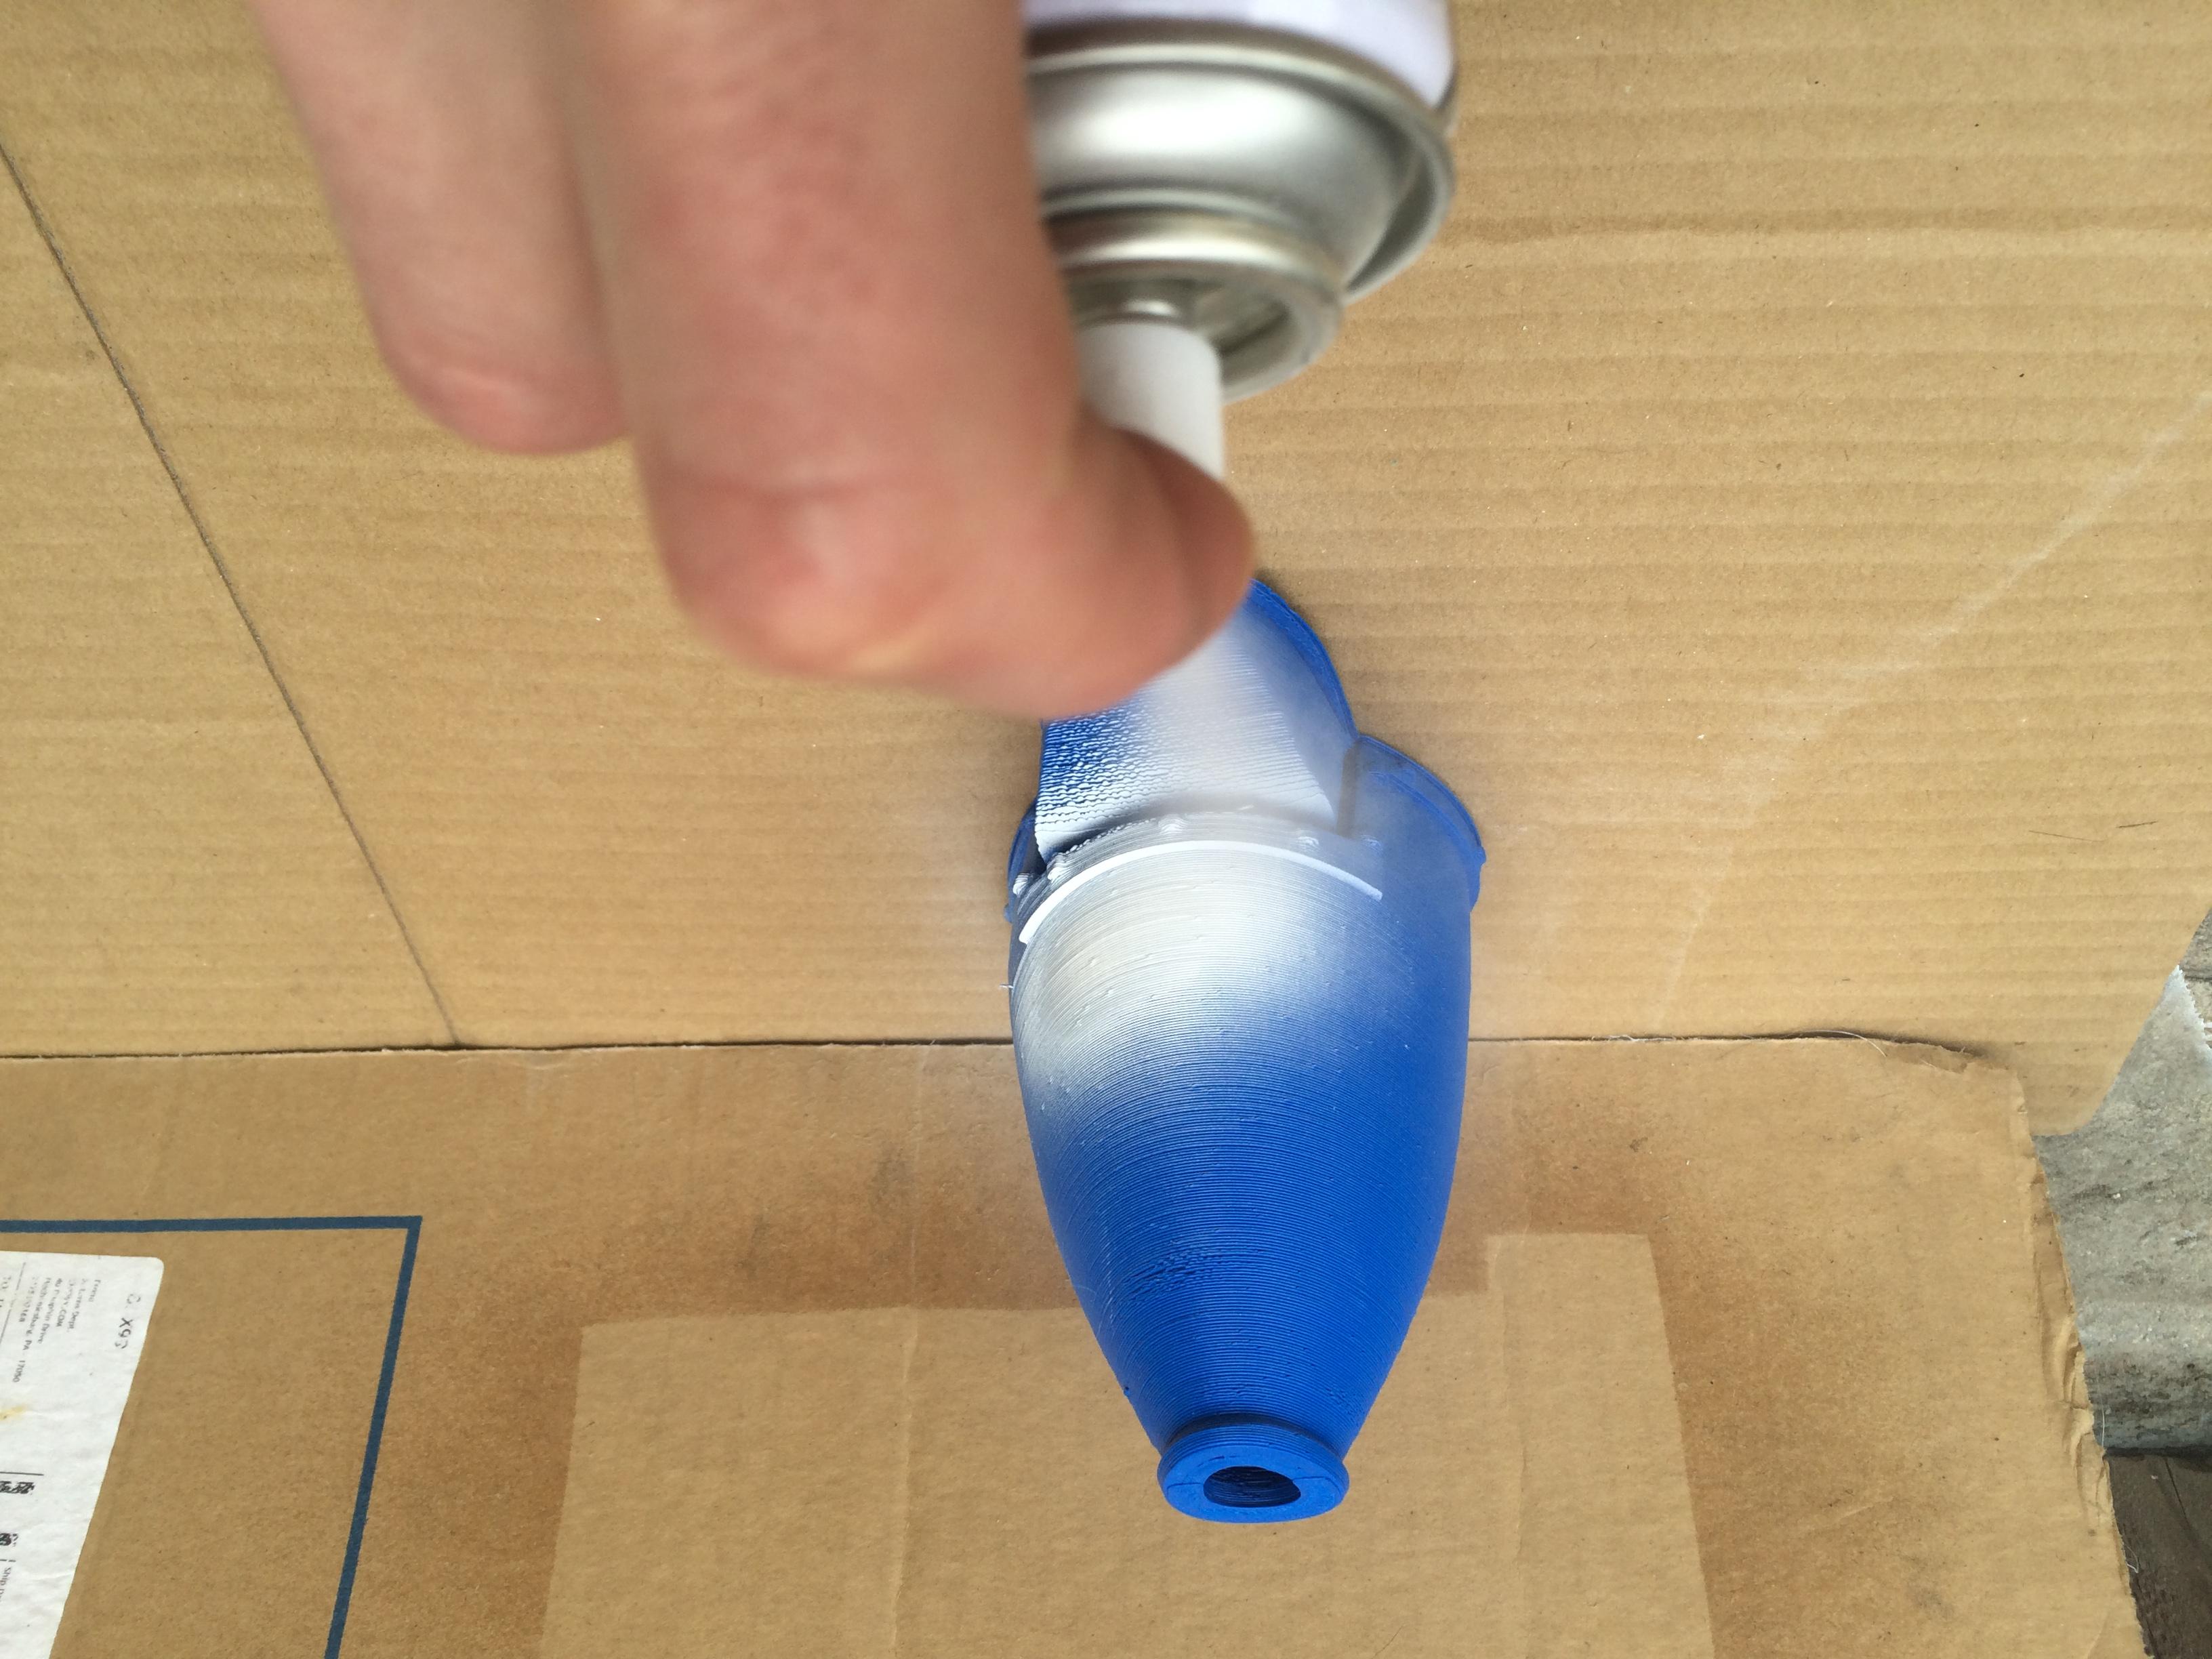 sensors_IMG_3905_flowerBot_iPhone.jpg